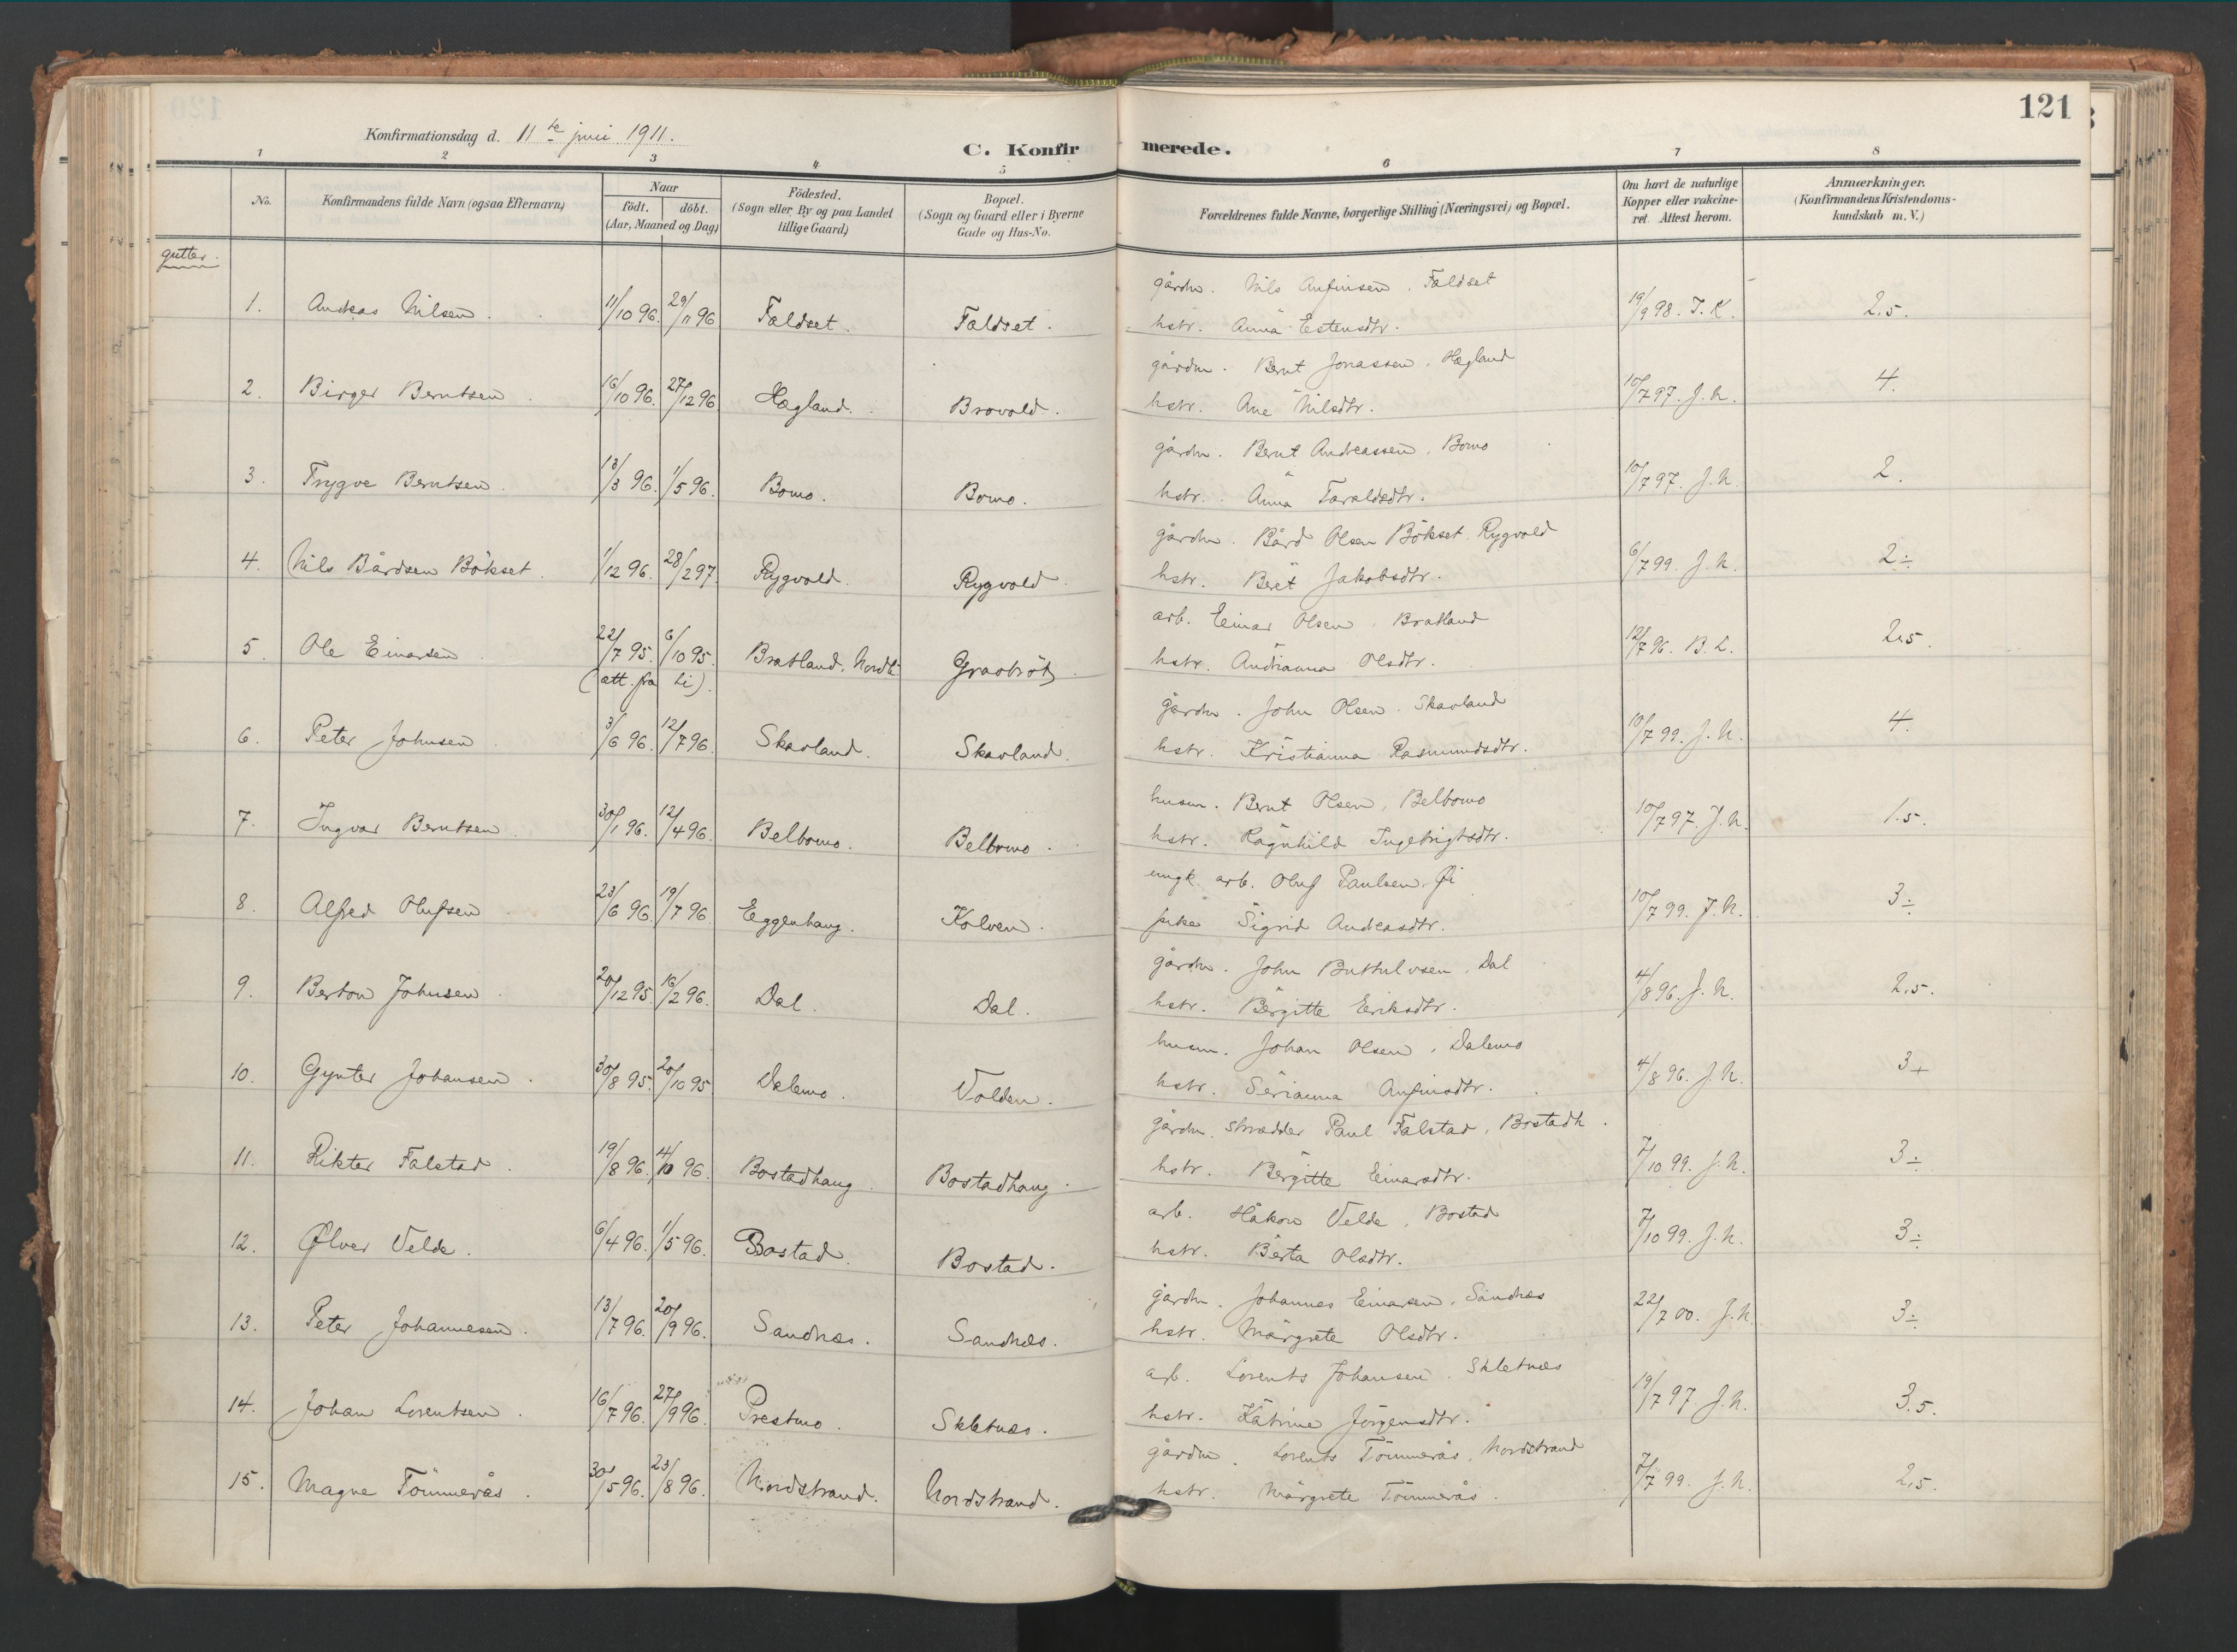 SAT, Ministerialprotokoller, klokkerbøker og fødselsregistre - Nord-Trøndelag, 749/L0477: Ministerialbok nr. 749A11, 1902-1927, s. 121